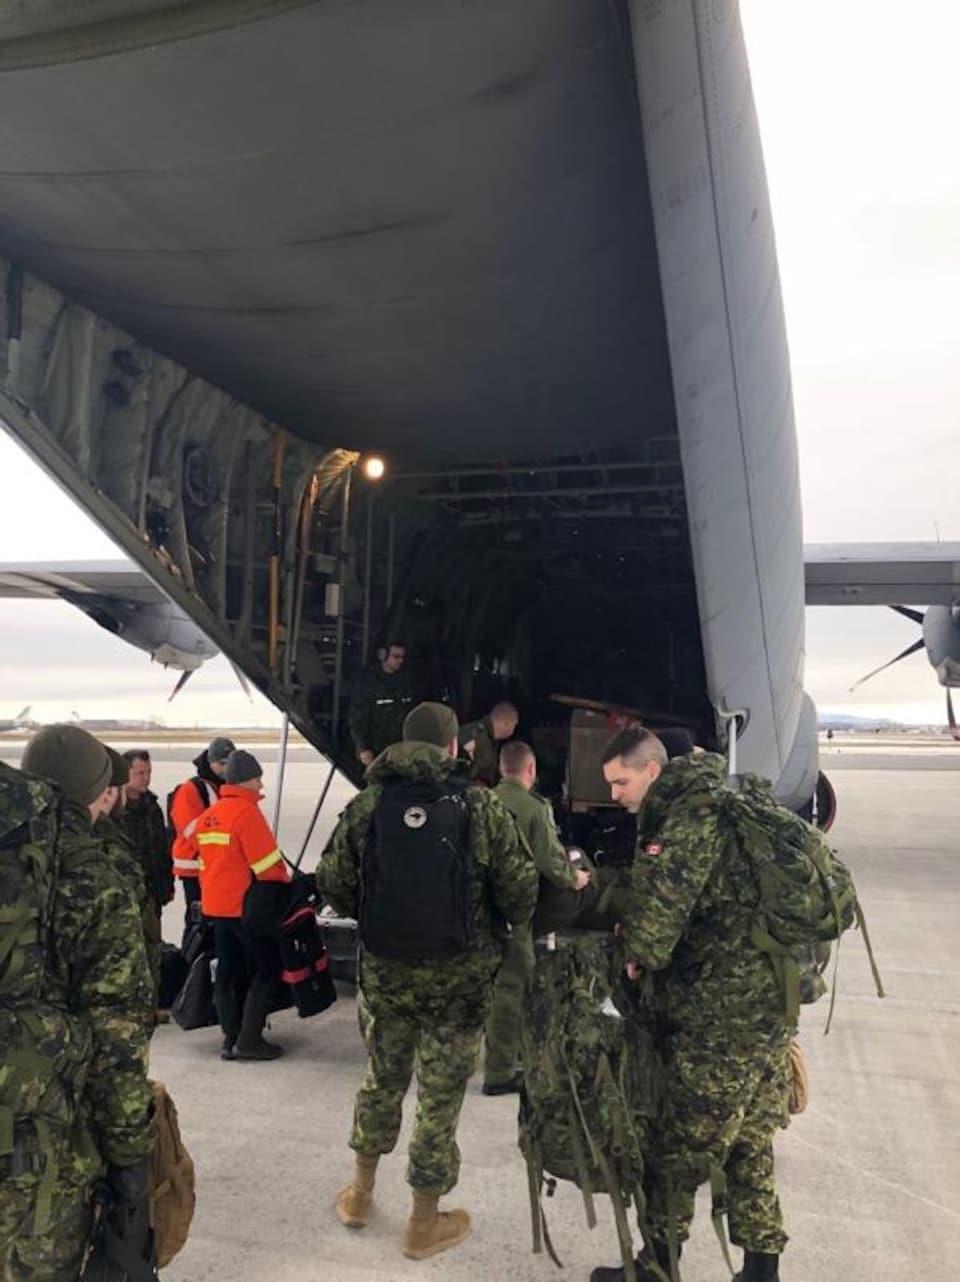 Un groupe de militaires en uniforme embarquent à bord de l'avion.